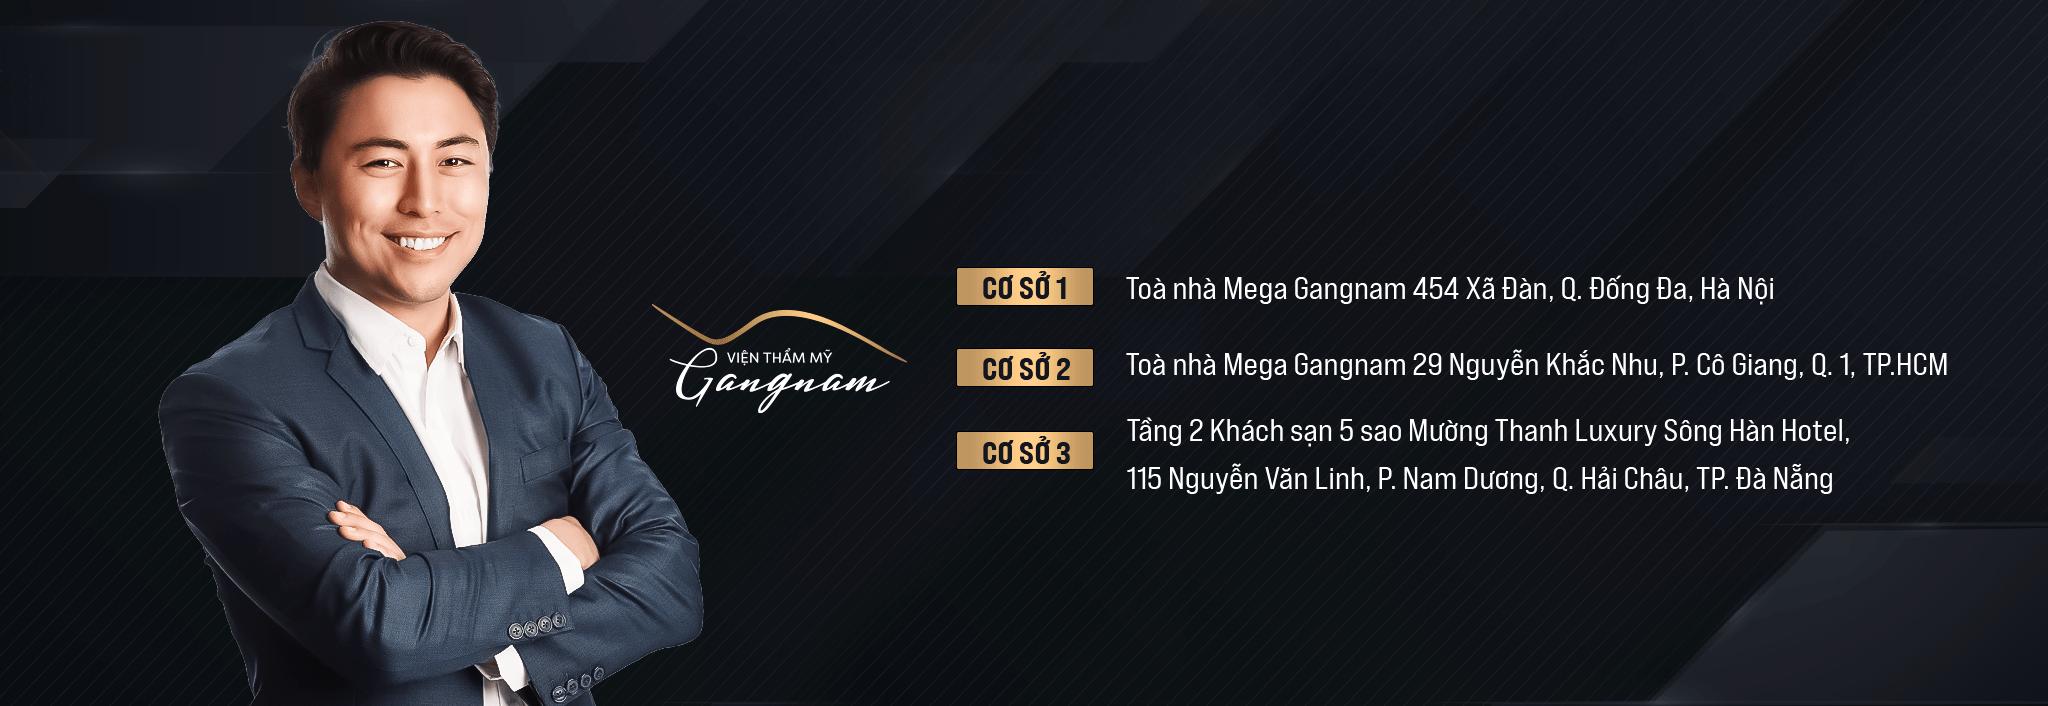 banner-lien-he-pc-vtmgangnam